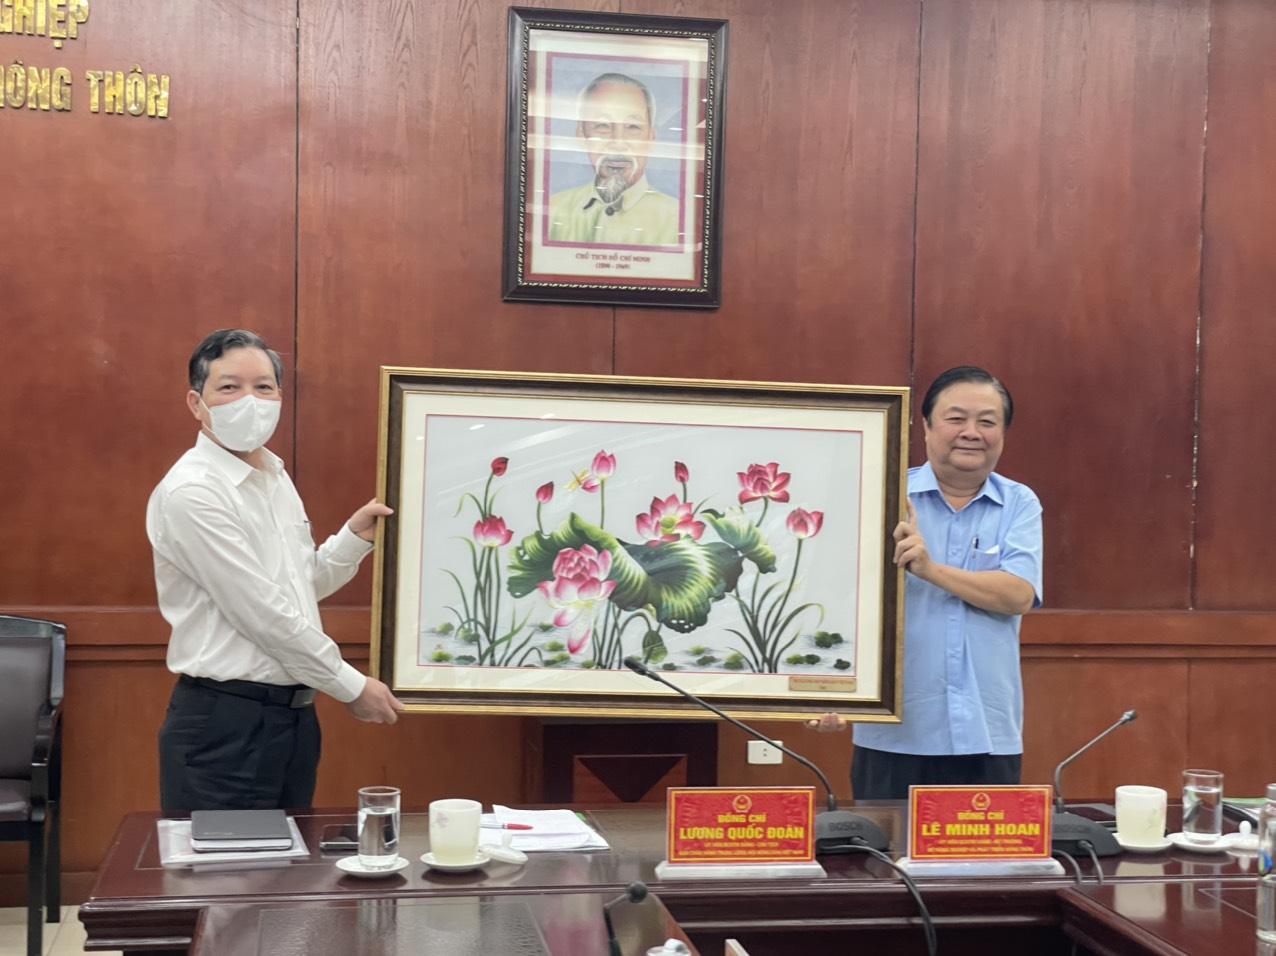 Hội Nông dân Việt Nam-Bộ NNPTNT: Phối hợp xây dựng hình ảnh người nông dân thông minh - Ảnh 3.